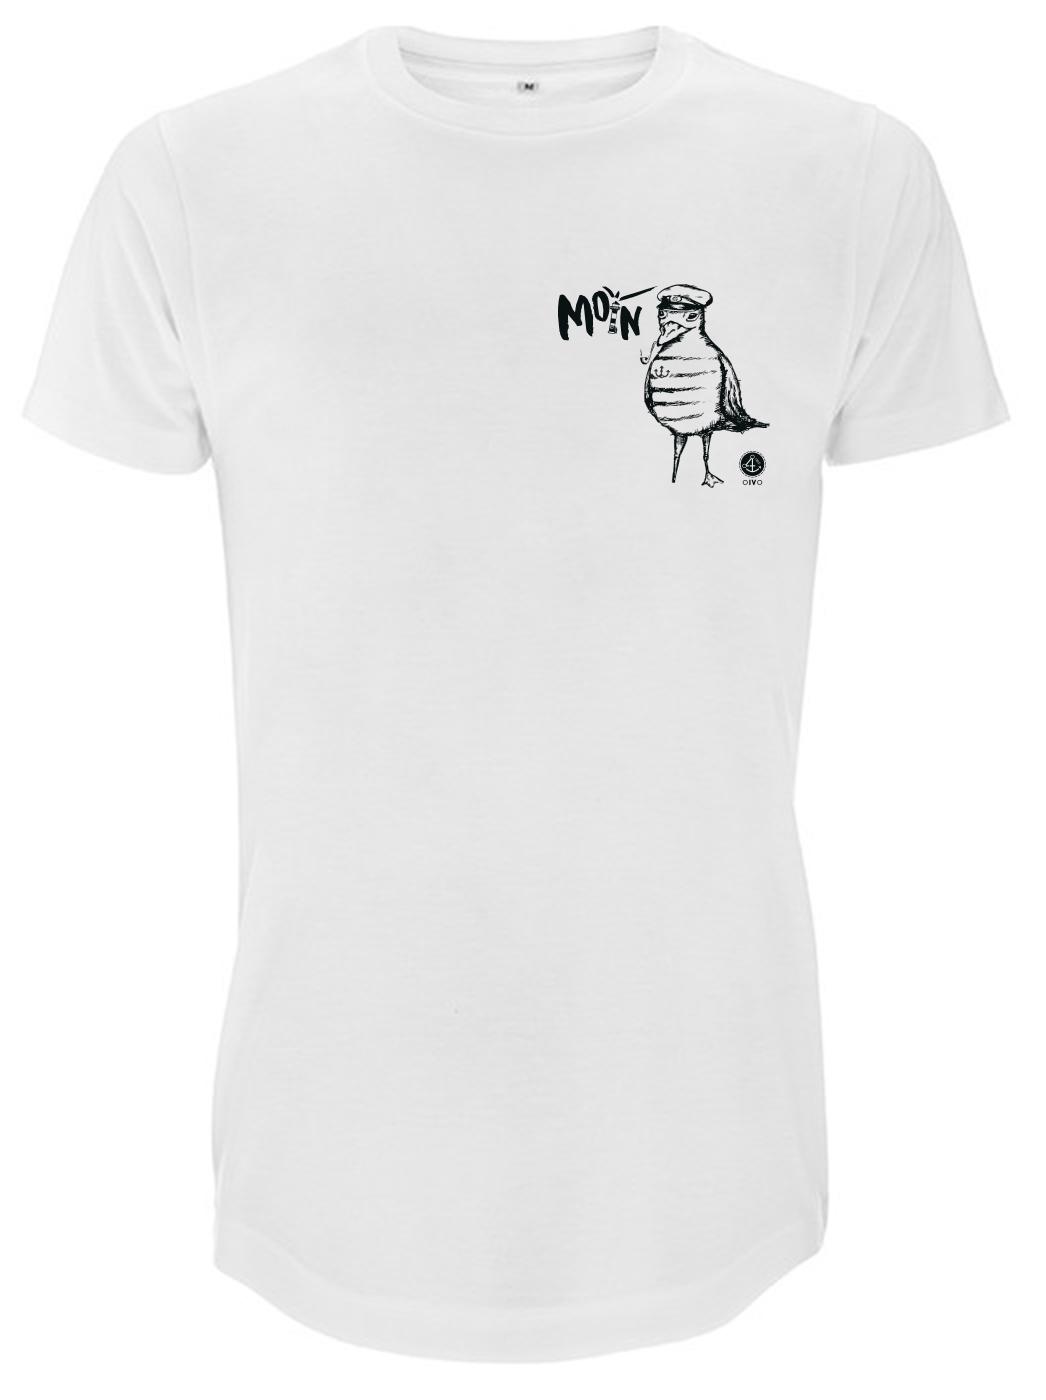 Weißes T-Shirt mit Moewe und Schriftzug Moin